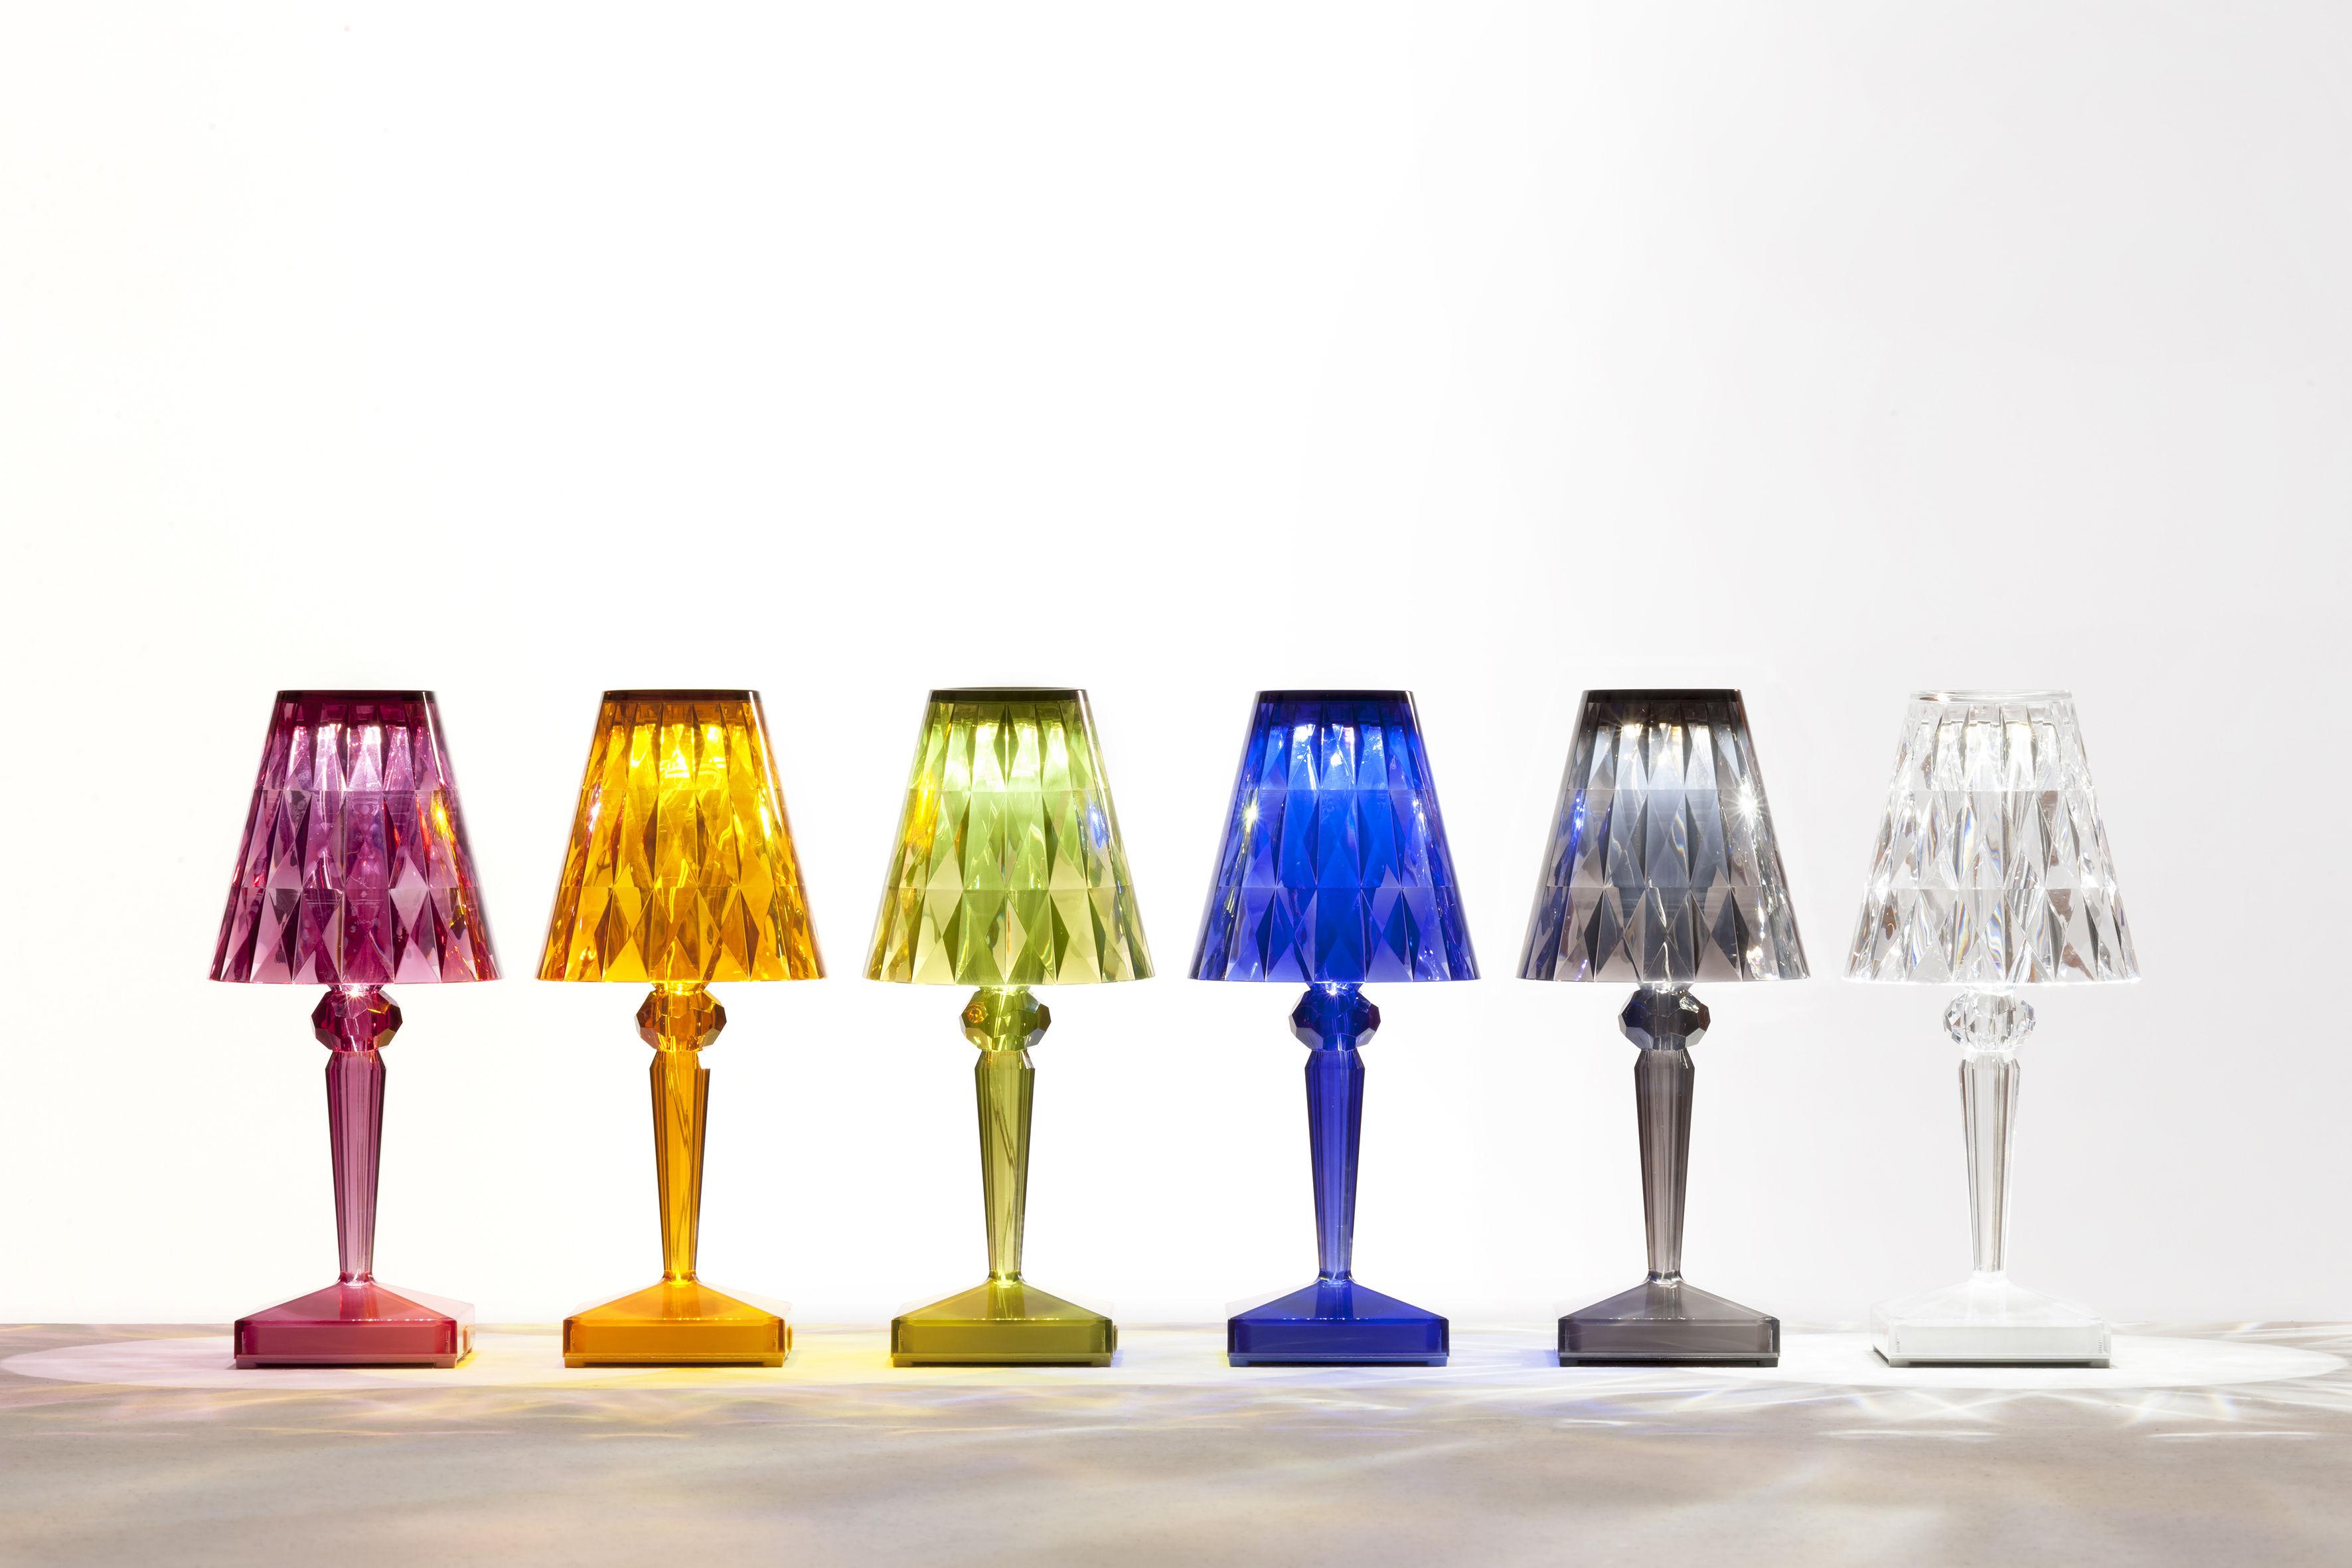 Scopri lampada senza fili battery led ricarica usb prugna di